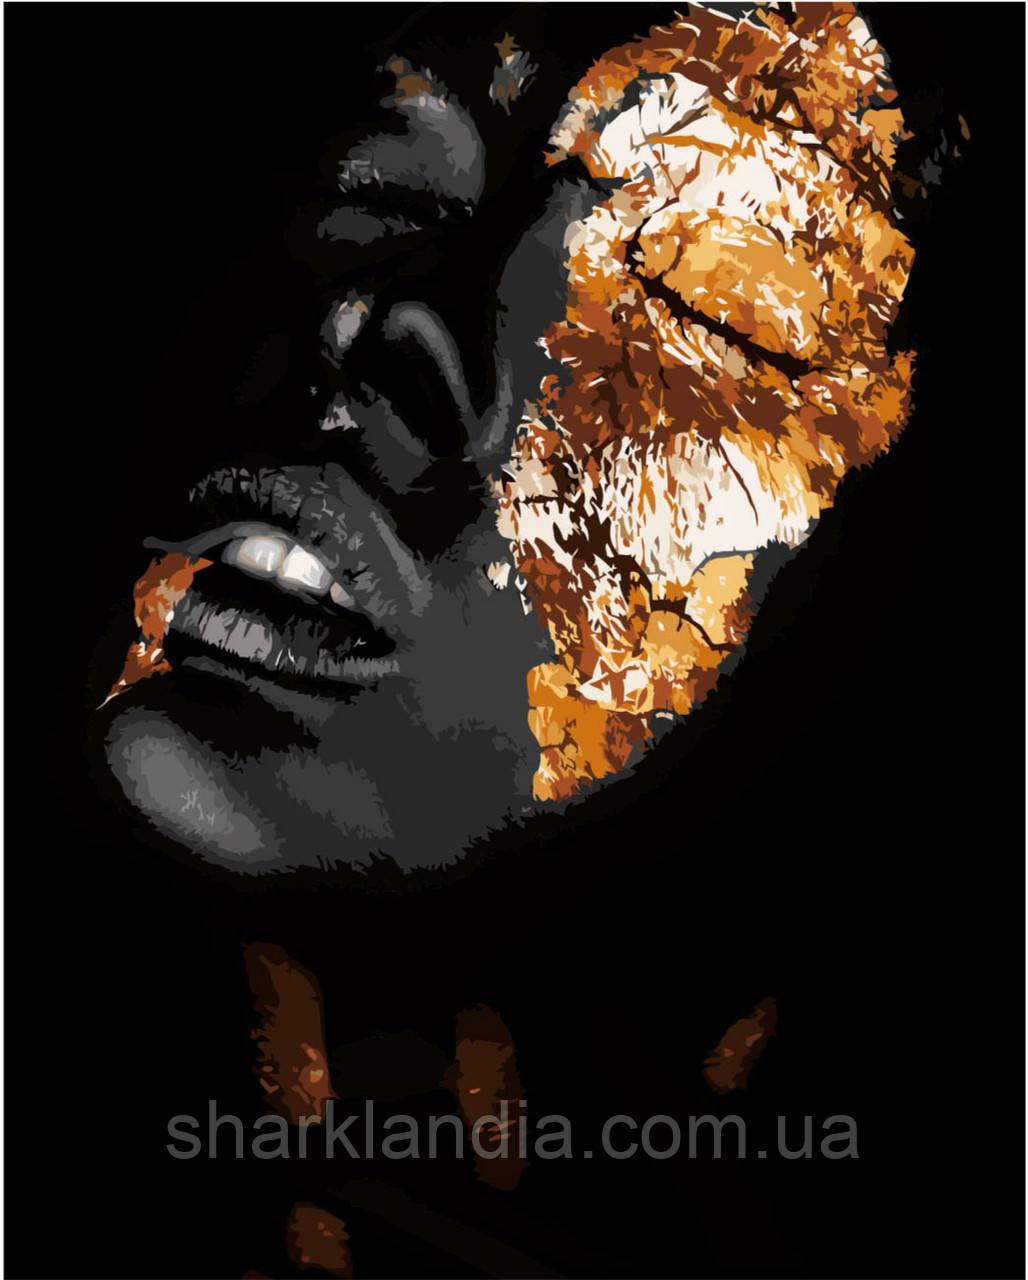 Картина по номерам Девушка в золоте 40*50см Strateg Раскраски С золотой краской ч/б Абстракция В золотой маске